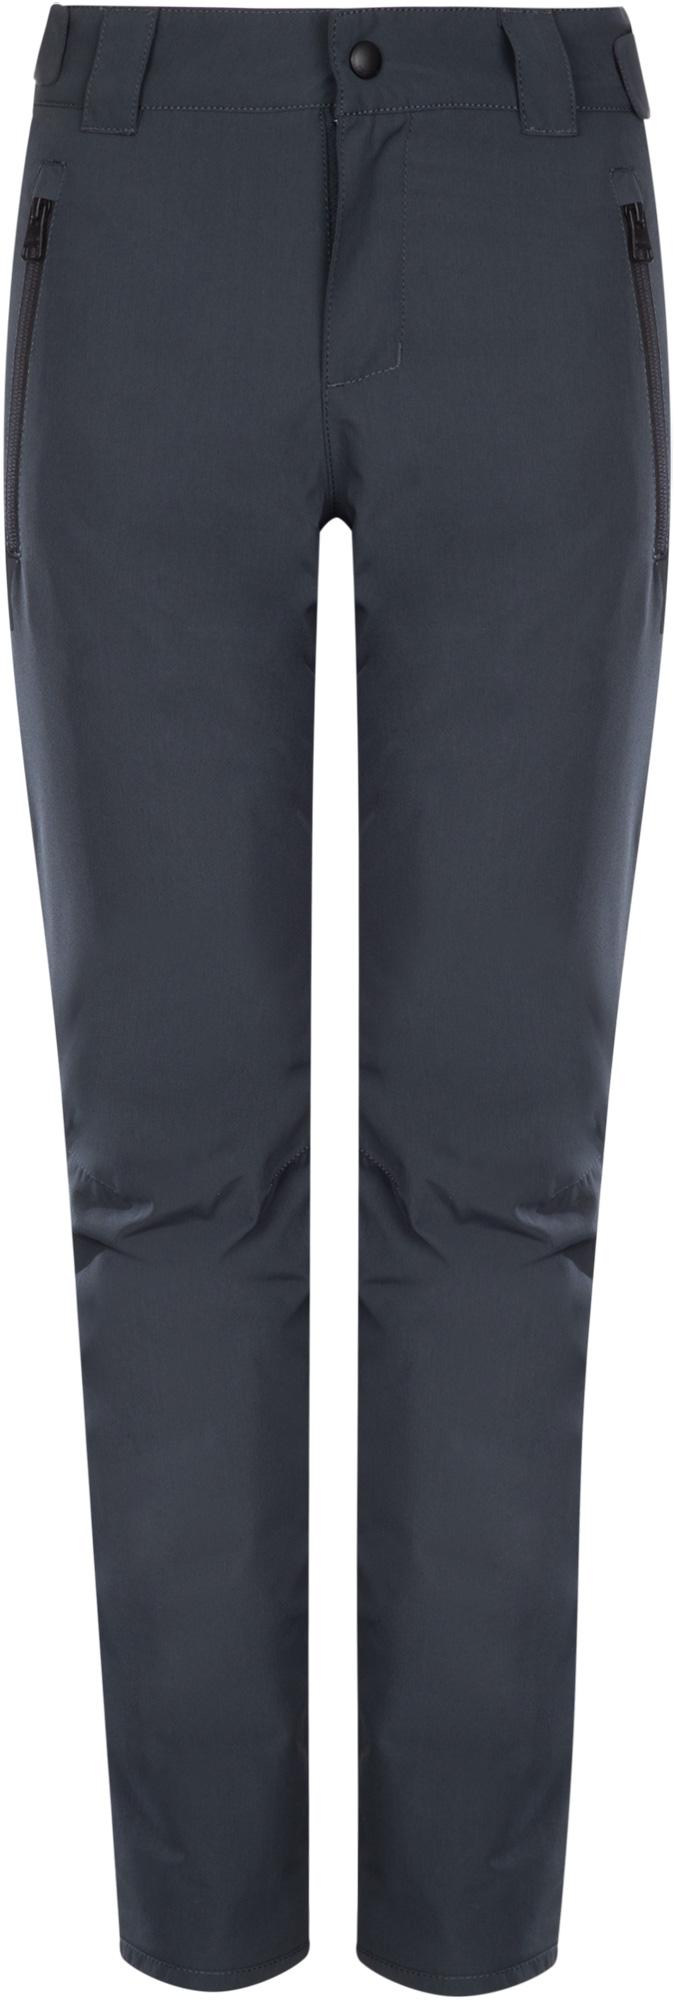 Фото - Reima Брюки утепленные для девочек Reima Sild, размер 140 reima брюки утепленные для девочек reima paula размер 140